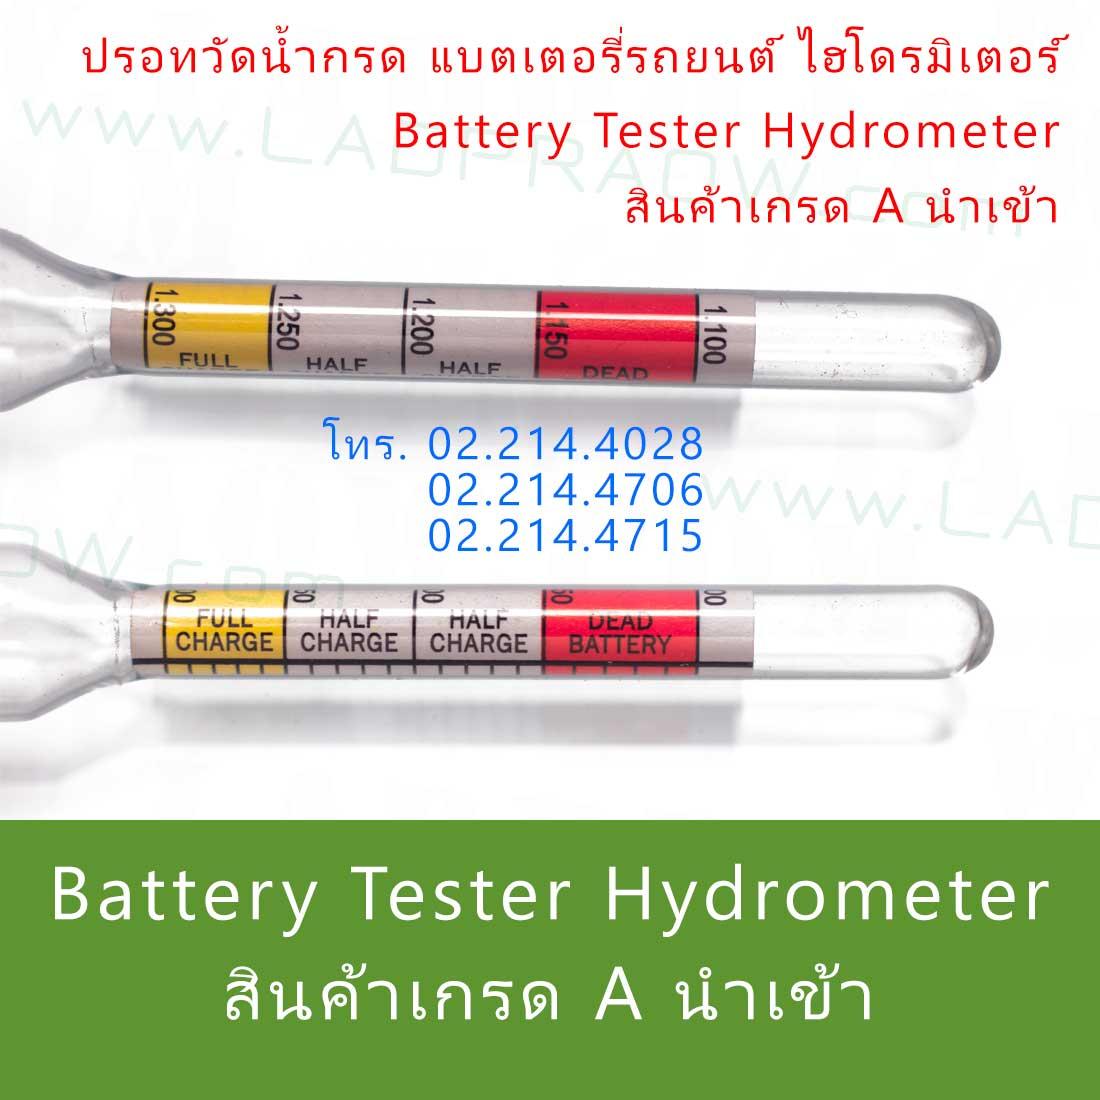 เครื่องมือวัดน้ำกรด แบตเตอรี่รถยนต์ ไฮโดรมิเตอร์ ปรอทวัดน้ำกรด Battery Tester Hydrometer สินค้าเกรด